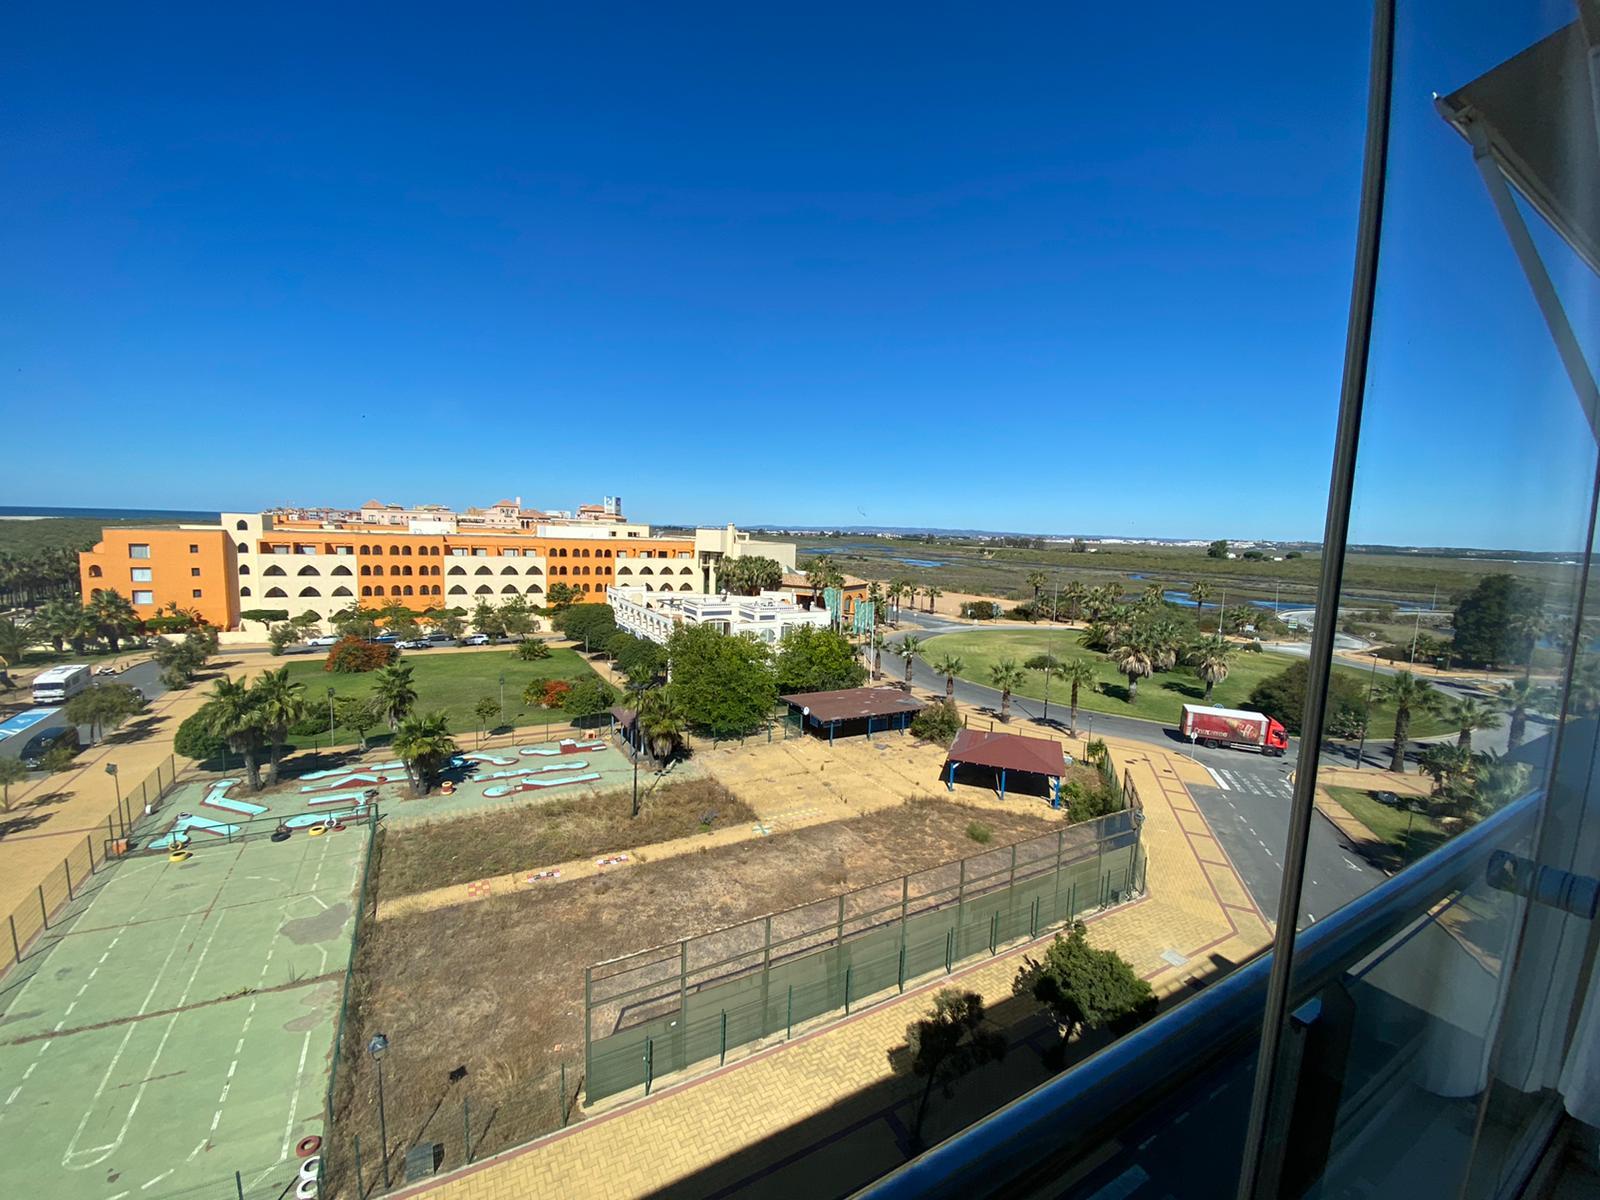 Imagen 40 del Apartamento Turístico, Ático 1 Poniente (3d+2b), Punta del Moral (HUELVA), Paseo de la Cruz nº22